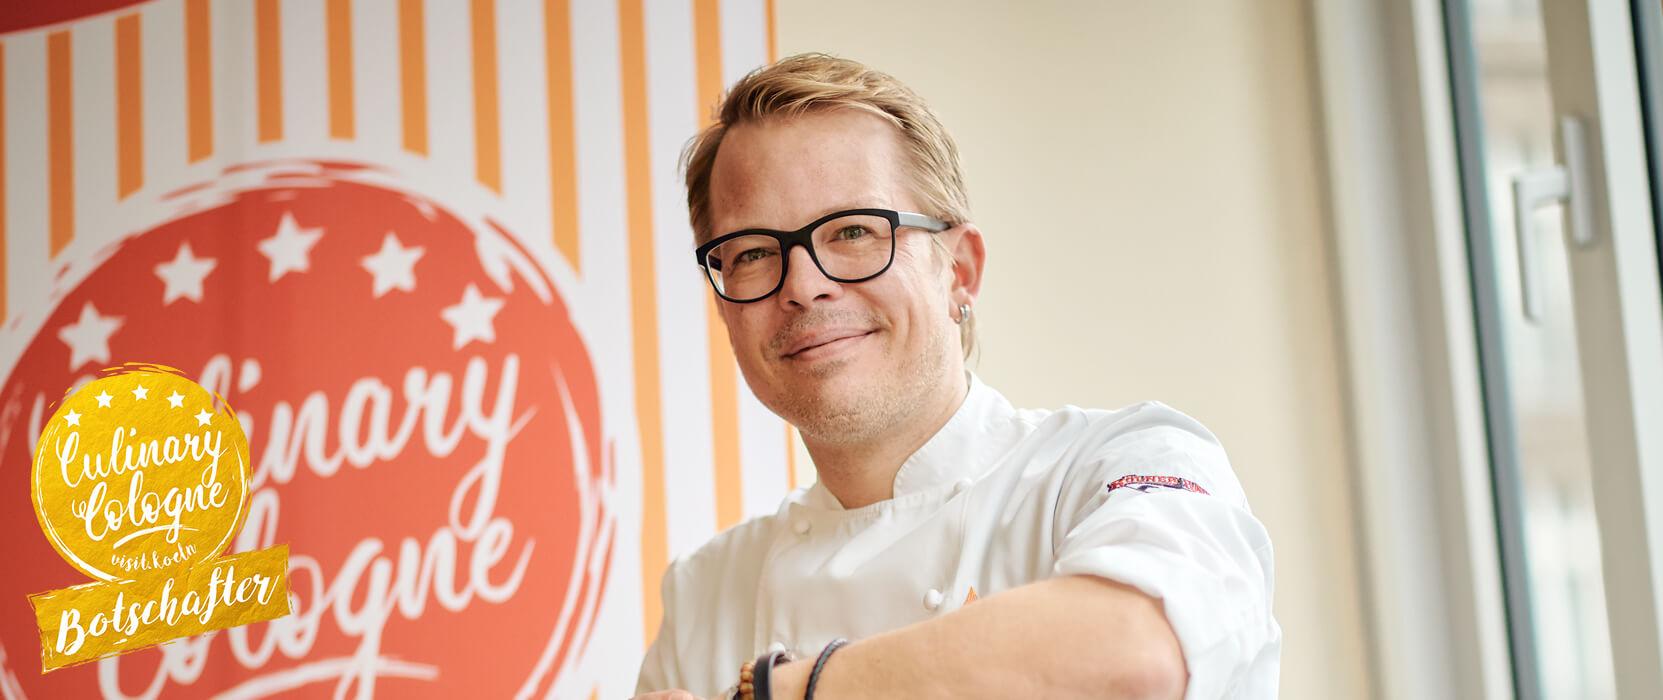 Mario Kotaska - #culinarycologne-Botschafter